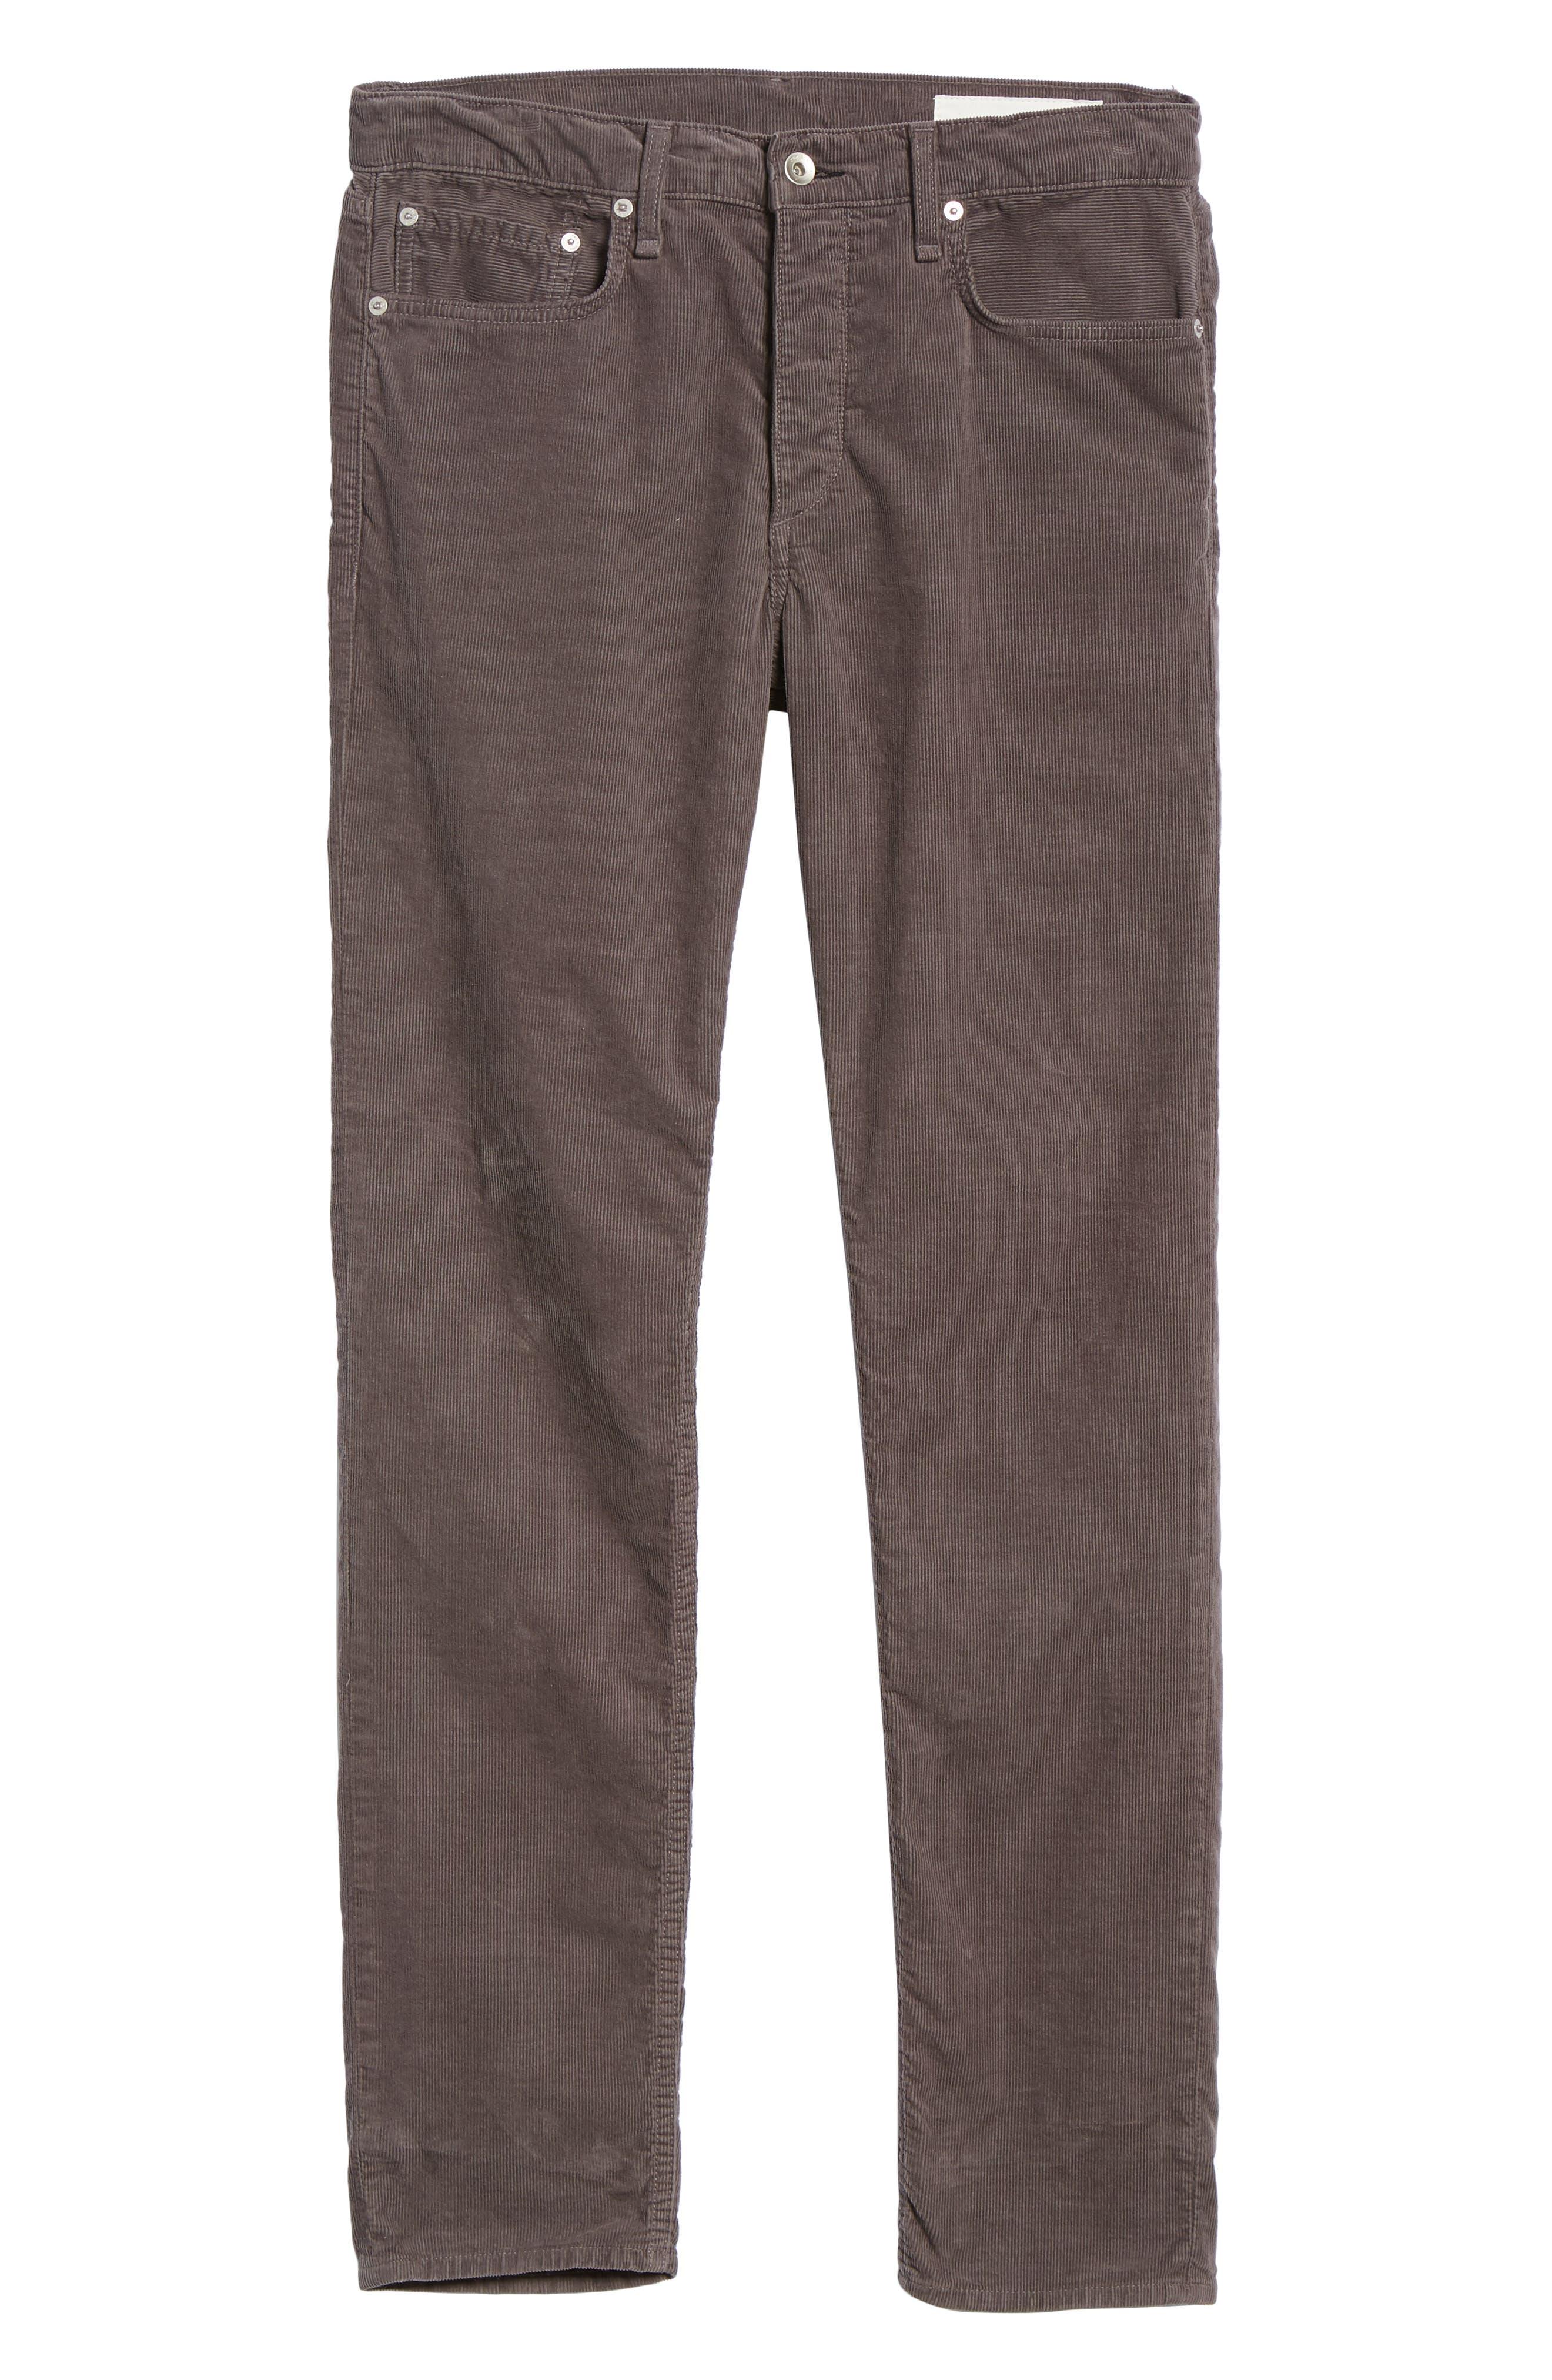 Slim Fit Corduroy Pants,                             Alternate thumbnail 6, color,                             CHARCOAL